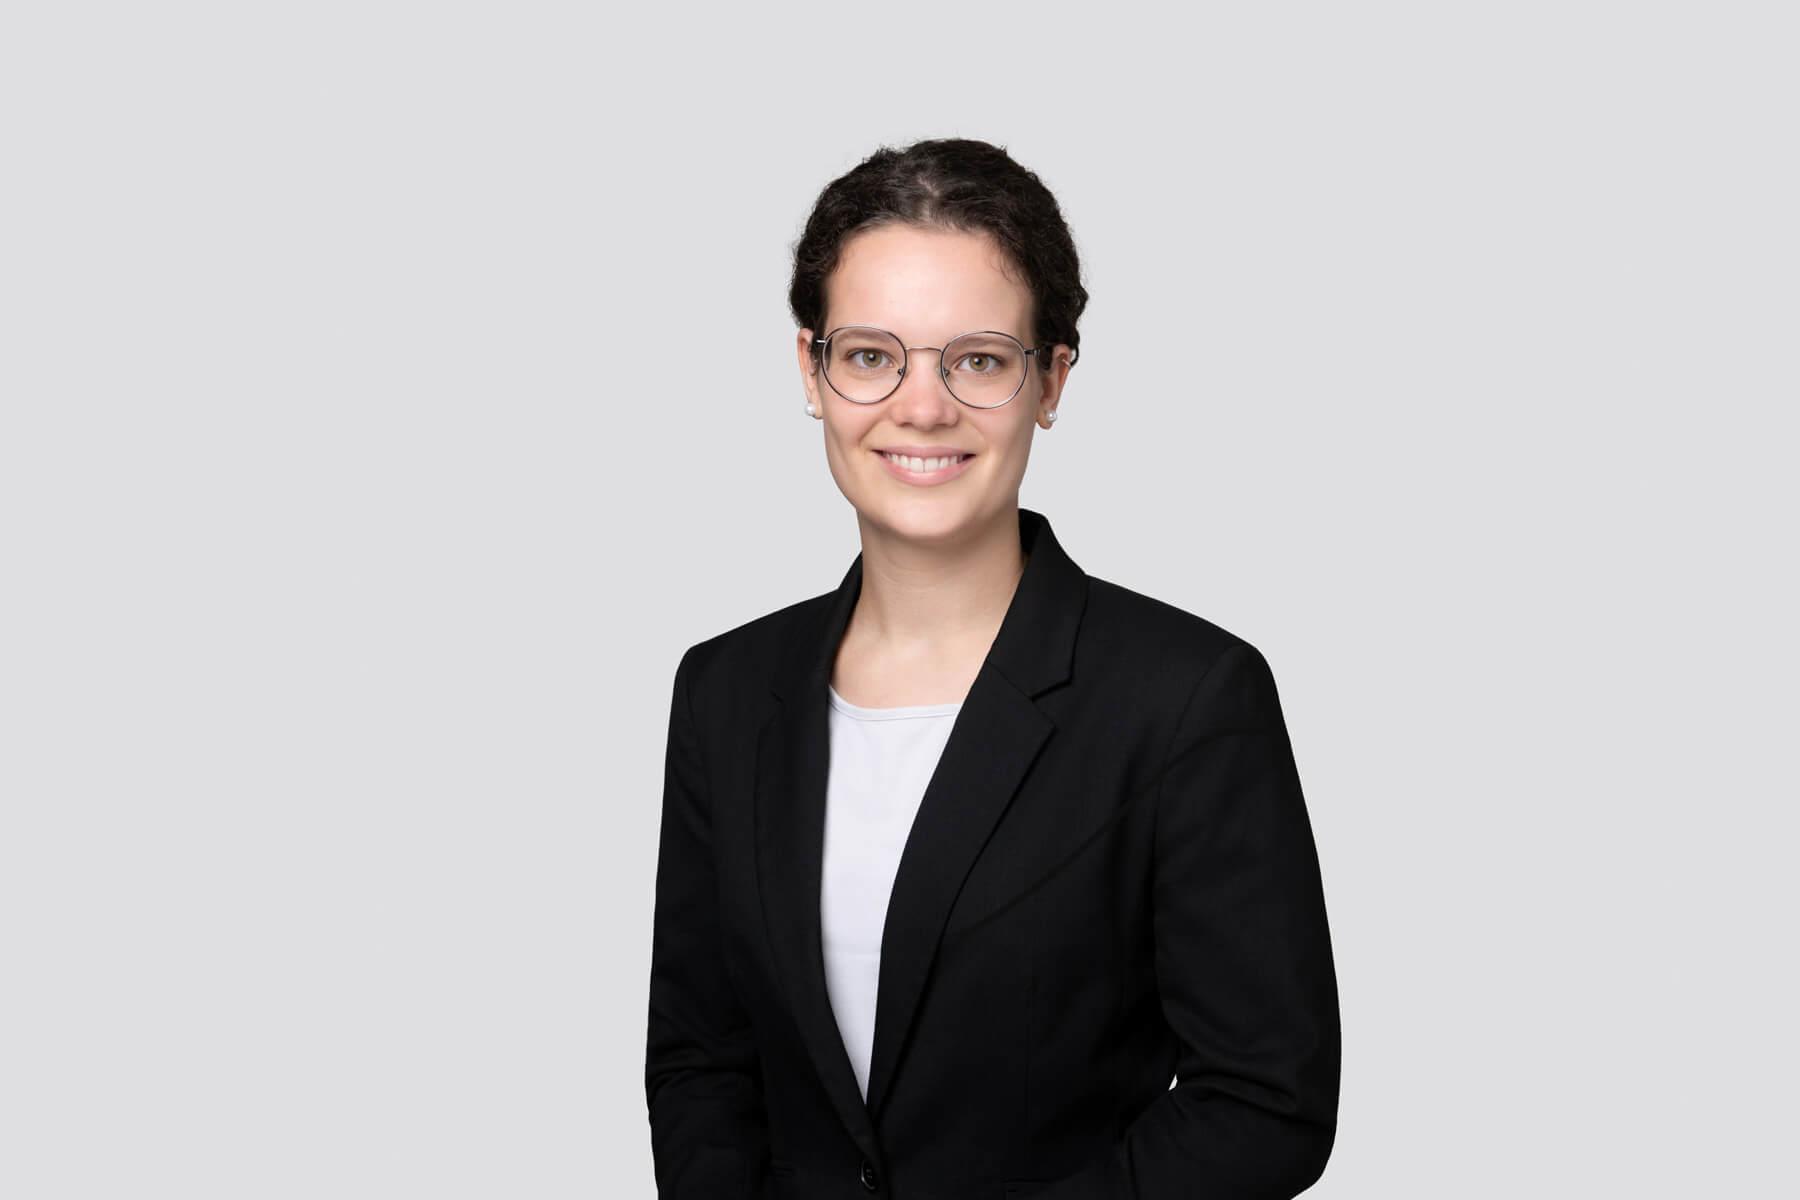 Nhejla Kobelt - Analyst